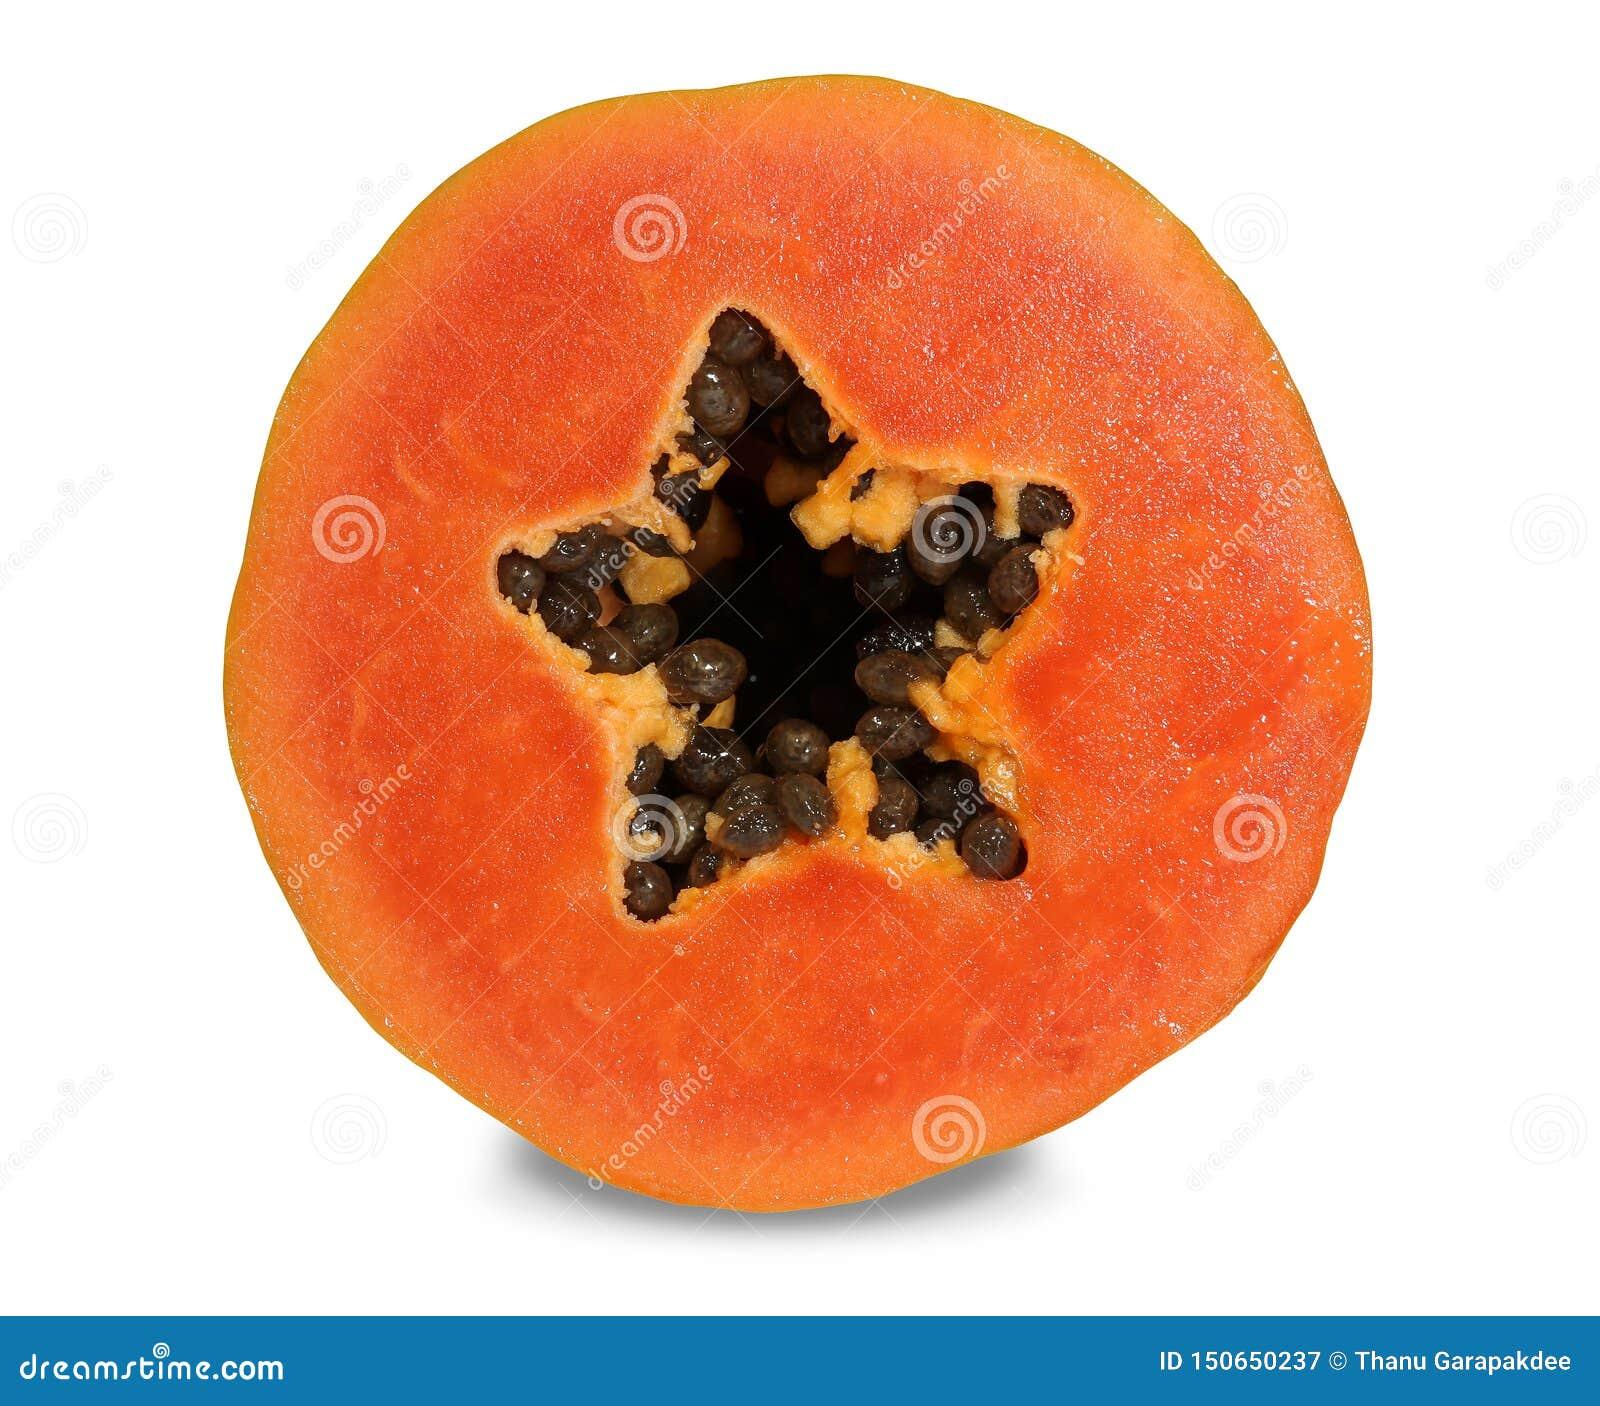 番木瓜有美丽的深橙红色骨肉